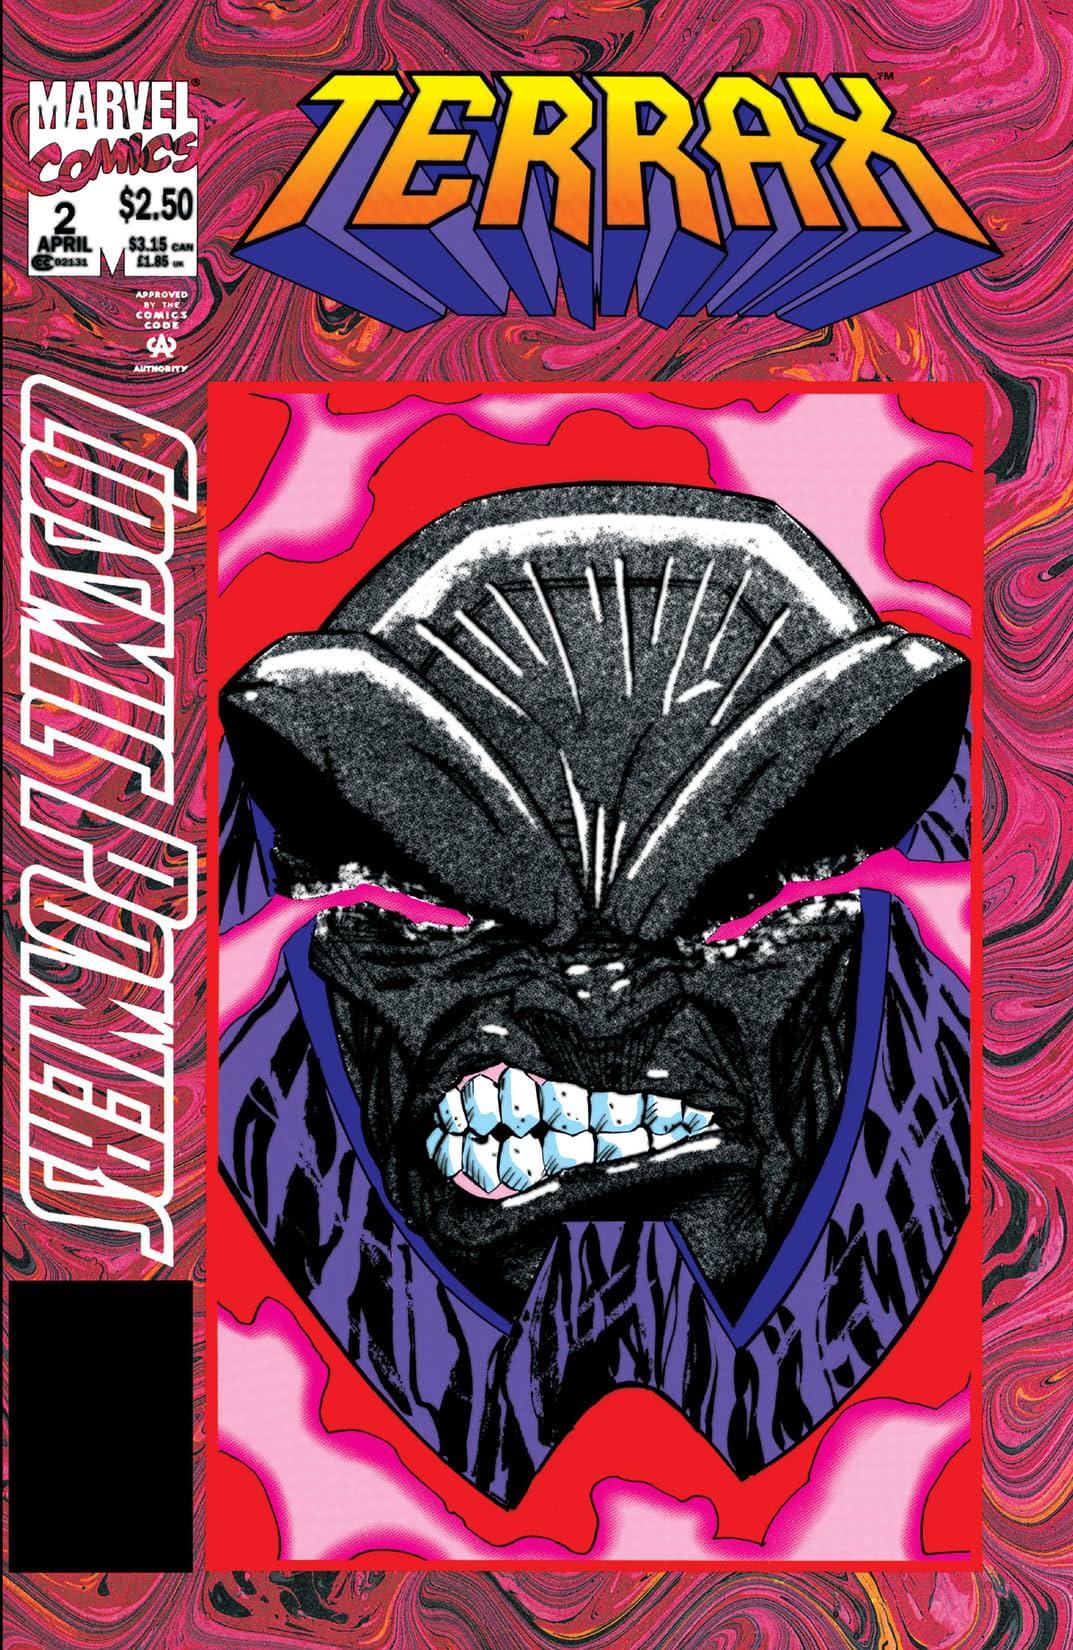 Cosmic Powers (1994) #2